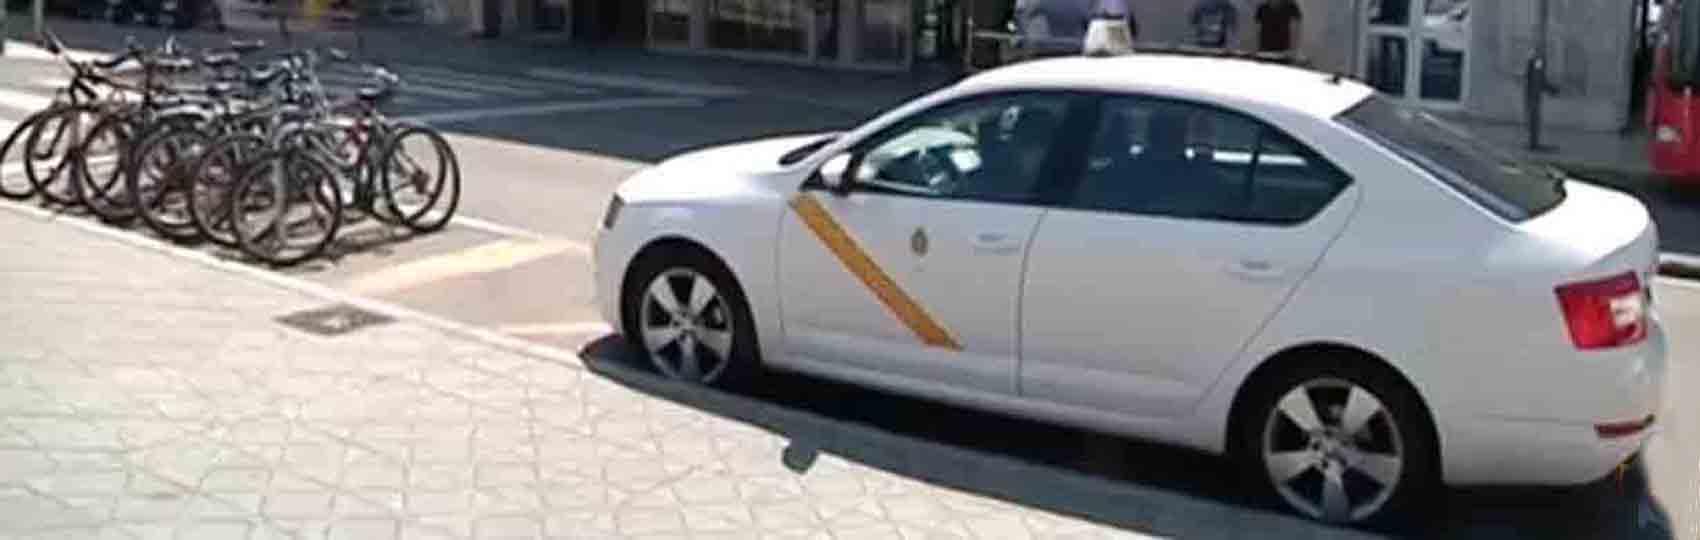 Noticias del sector del taxi y la movilidad en Tarragona. Mantente informado de todas las noticias del taxi de Tarragona en el grupo de Facebook de Todo Taxi.